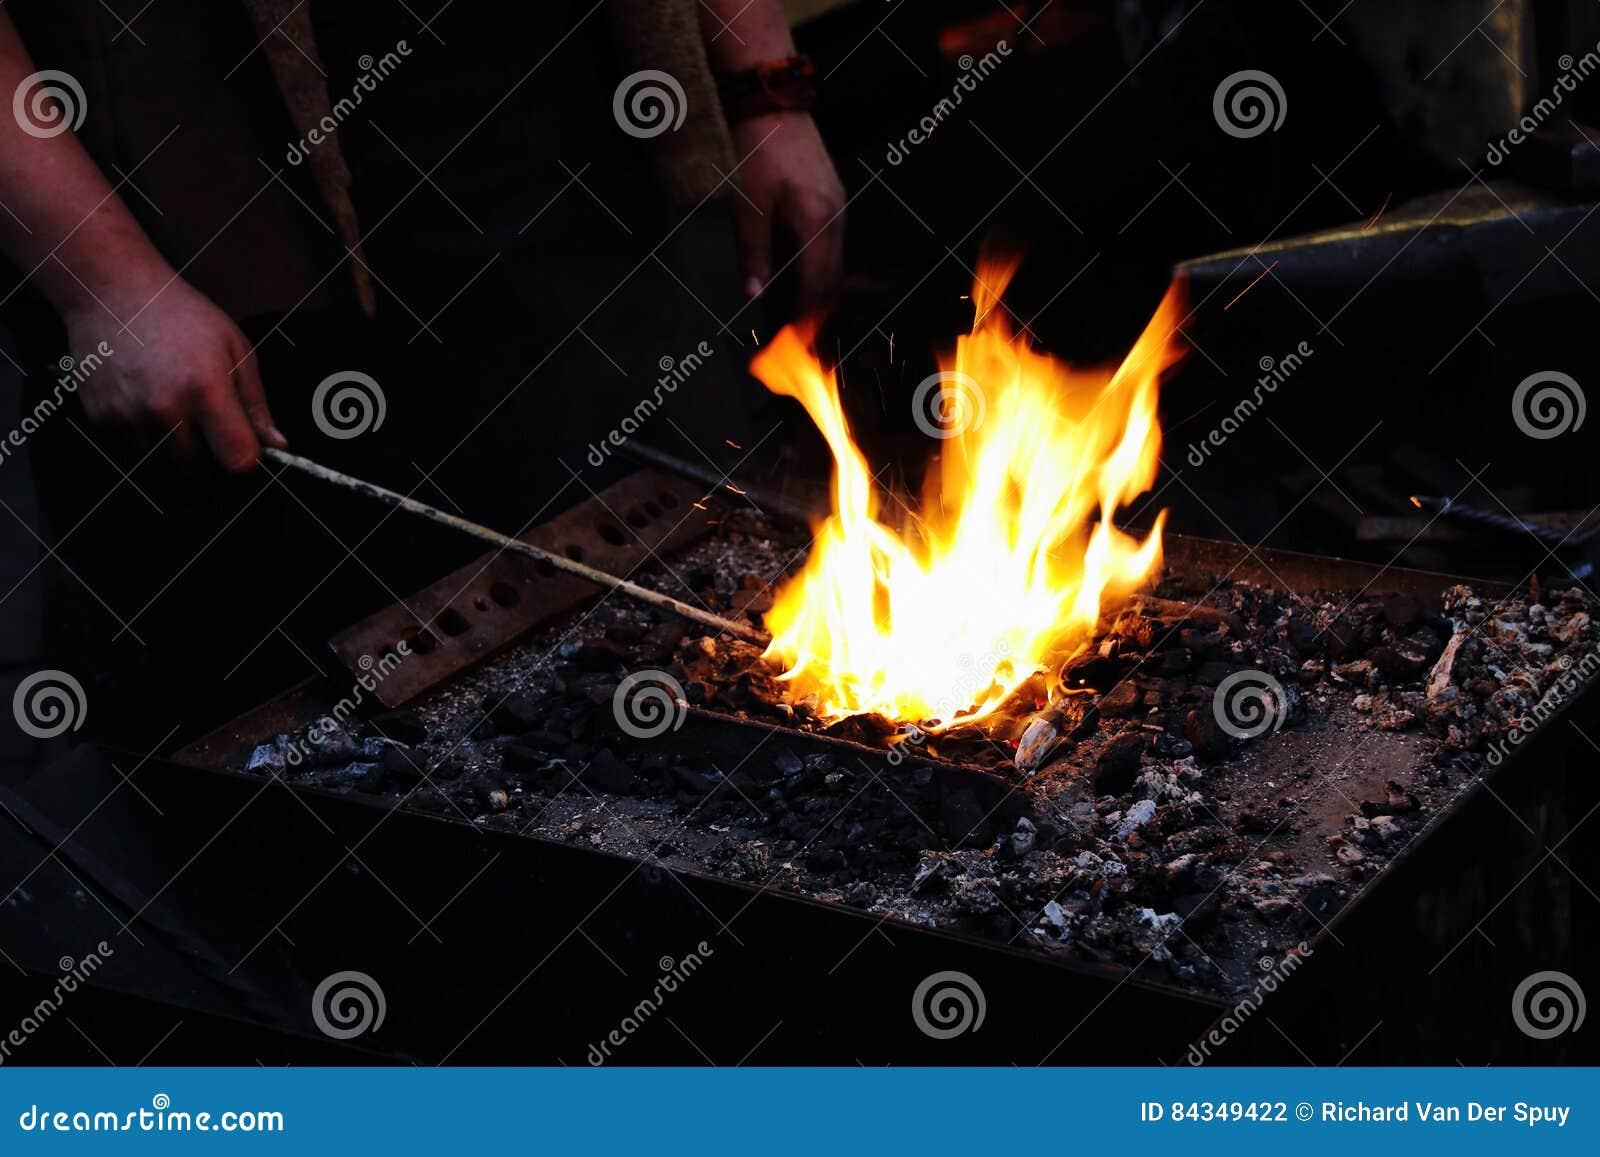 Żelaza w ogieniu